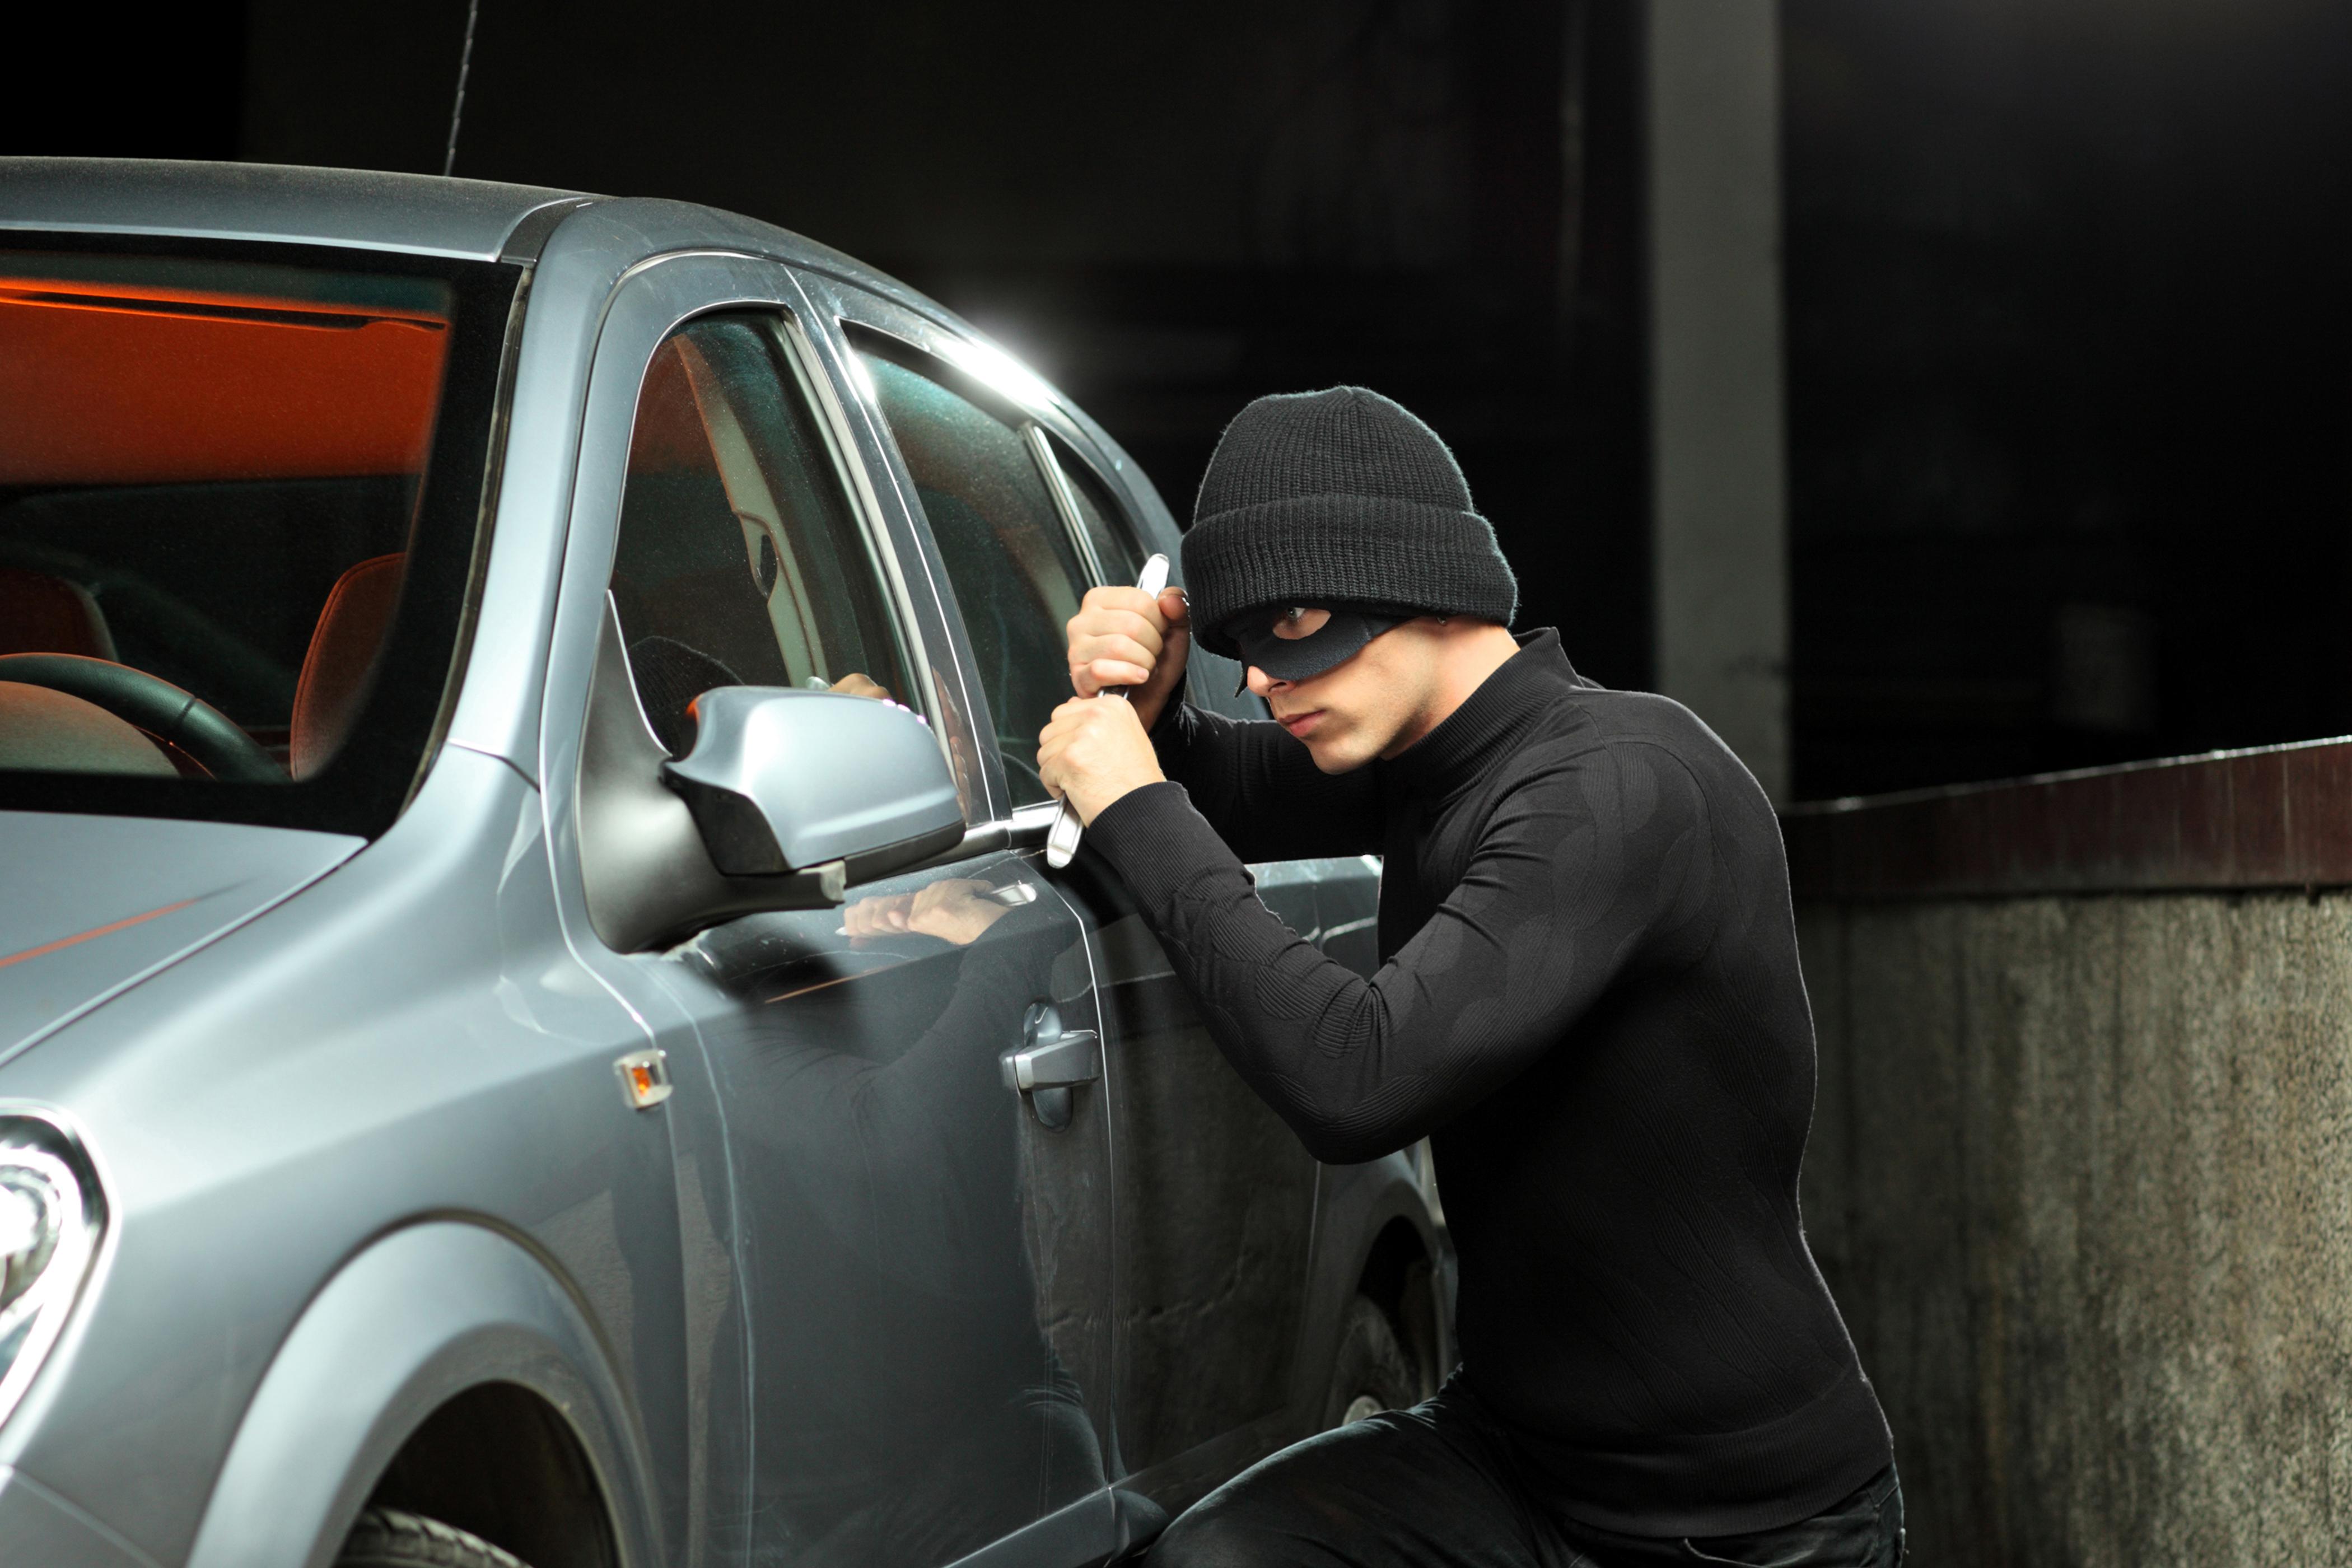 Cifras de robos de autos en Chile: Los vehículos asiáticos han sido los más afectados